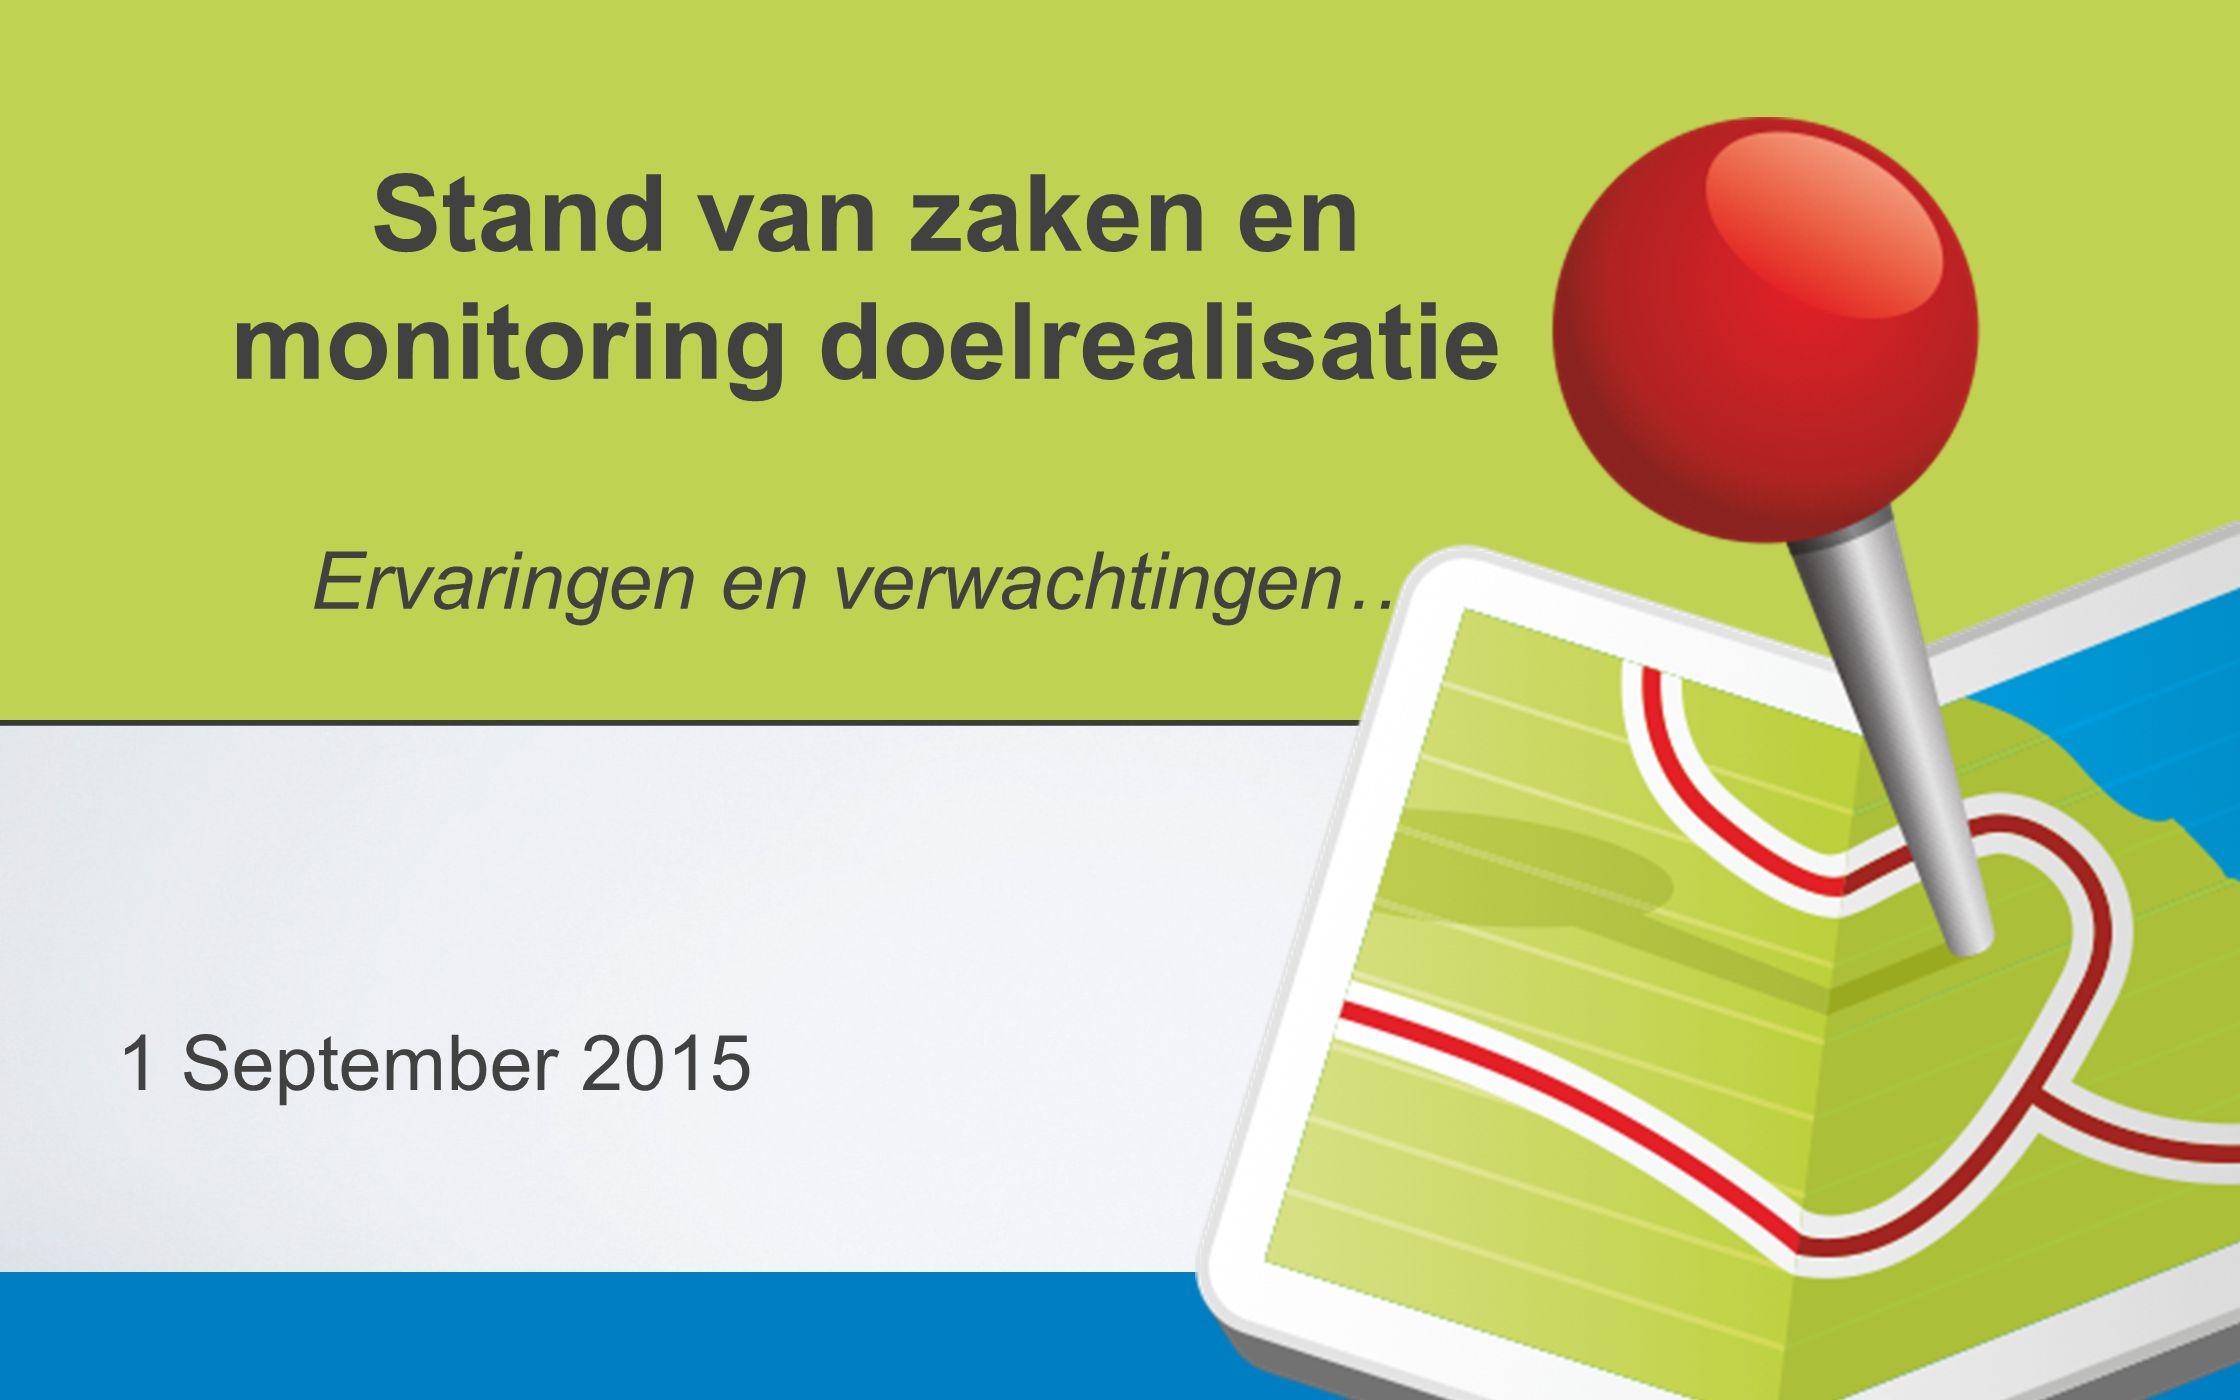 Stand van zaken en monitoring doelrealisatie Ervaringen en verwachtingen… 1 September 2015